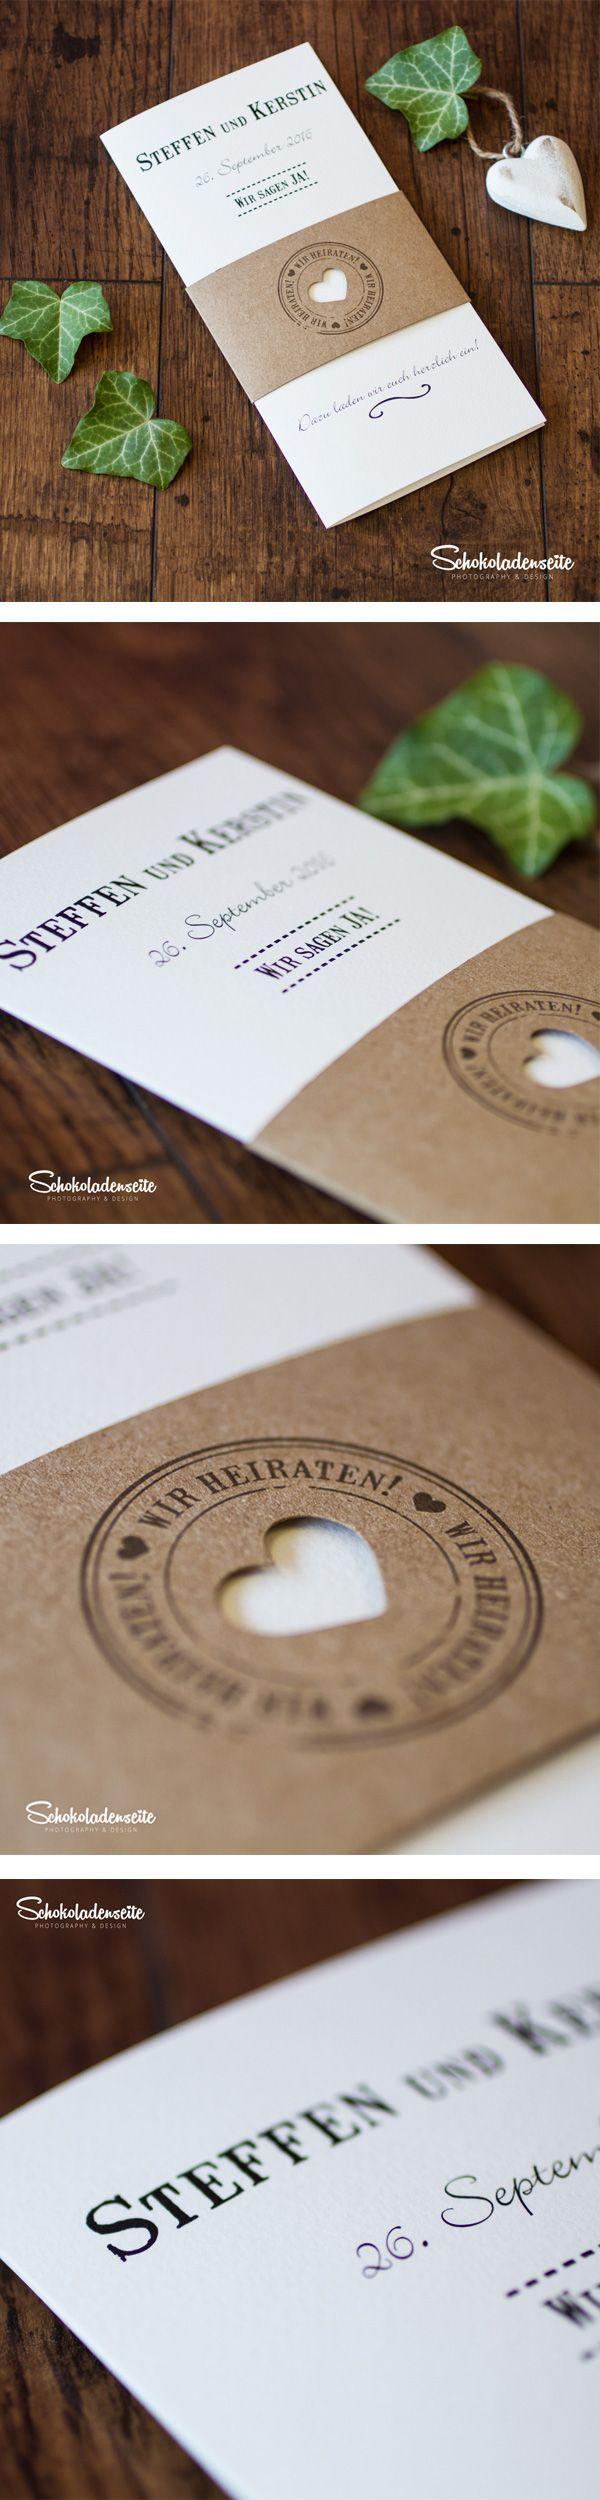 Wunderschöne Schriftgestaltung, liebe zum Detail und hochwertige Papiere machen…